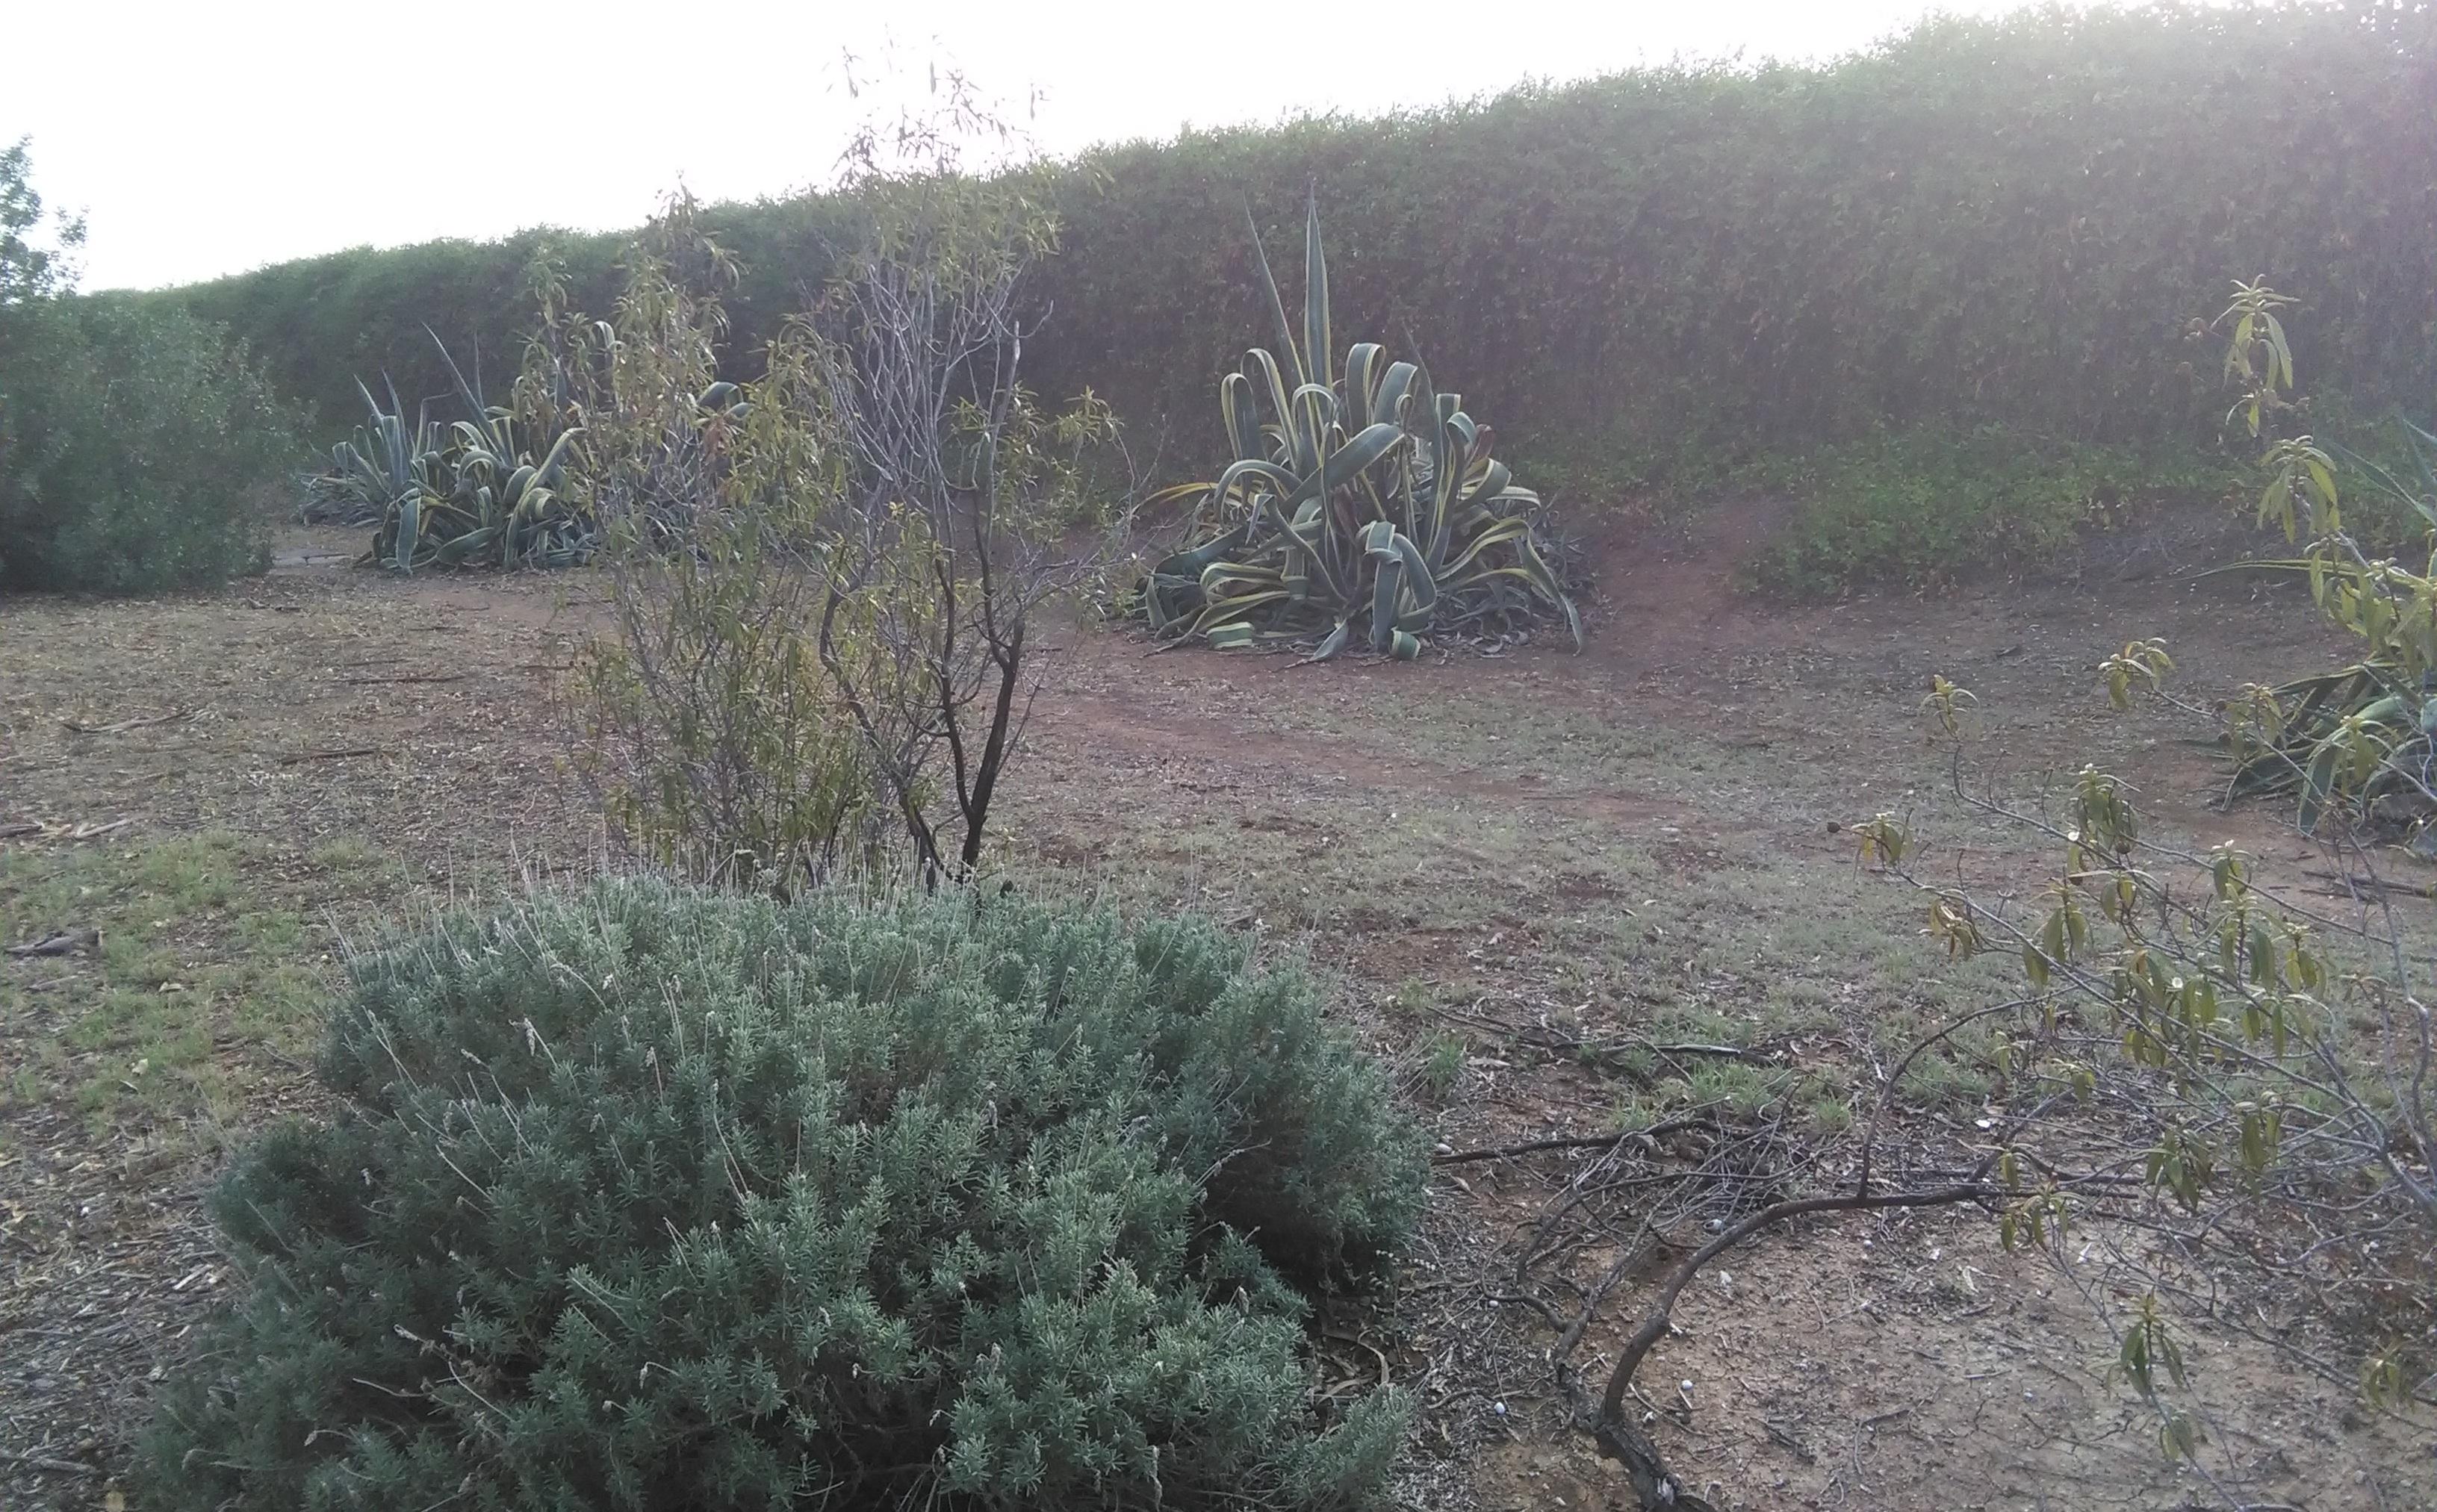 Fig. 8. Arbustos con dos ejemplares de Agave americana.